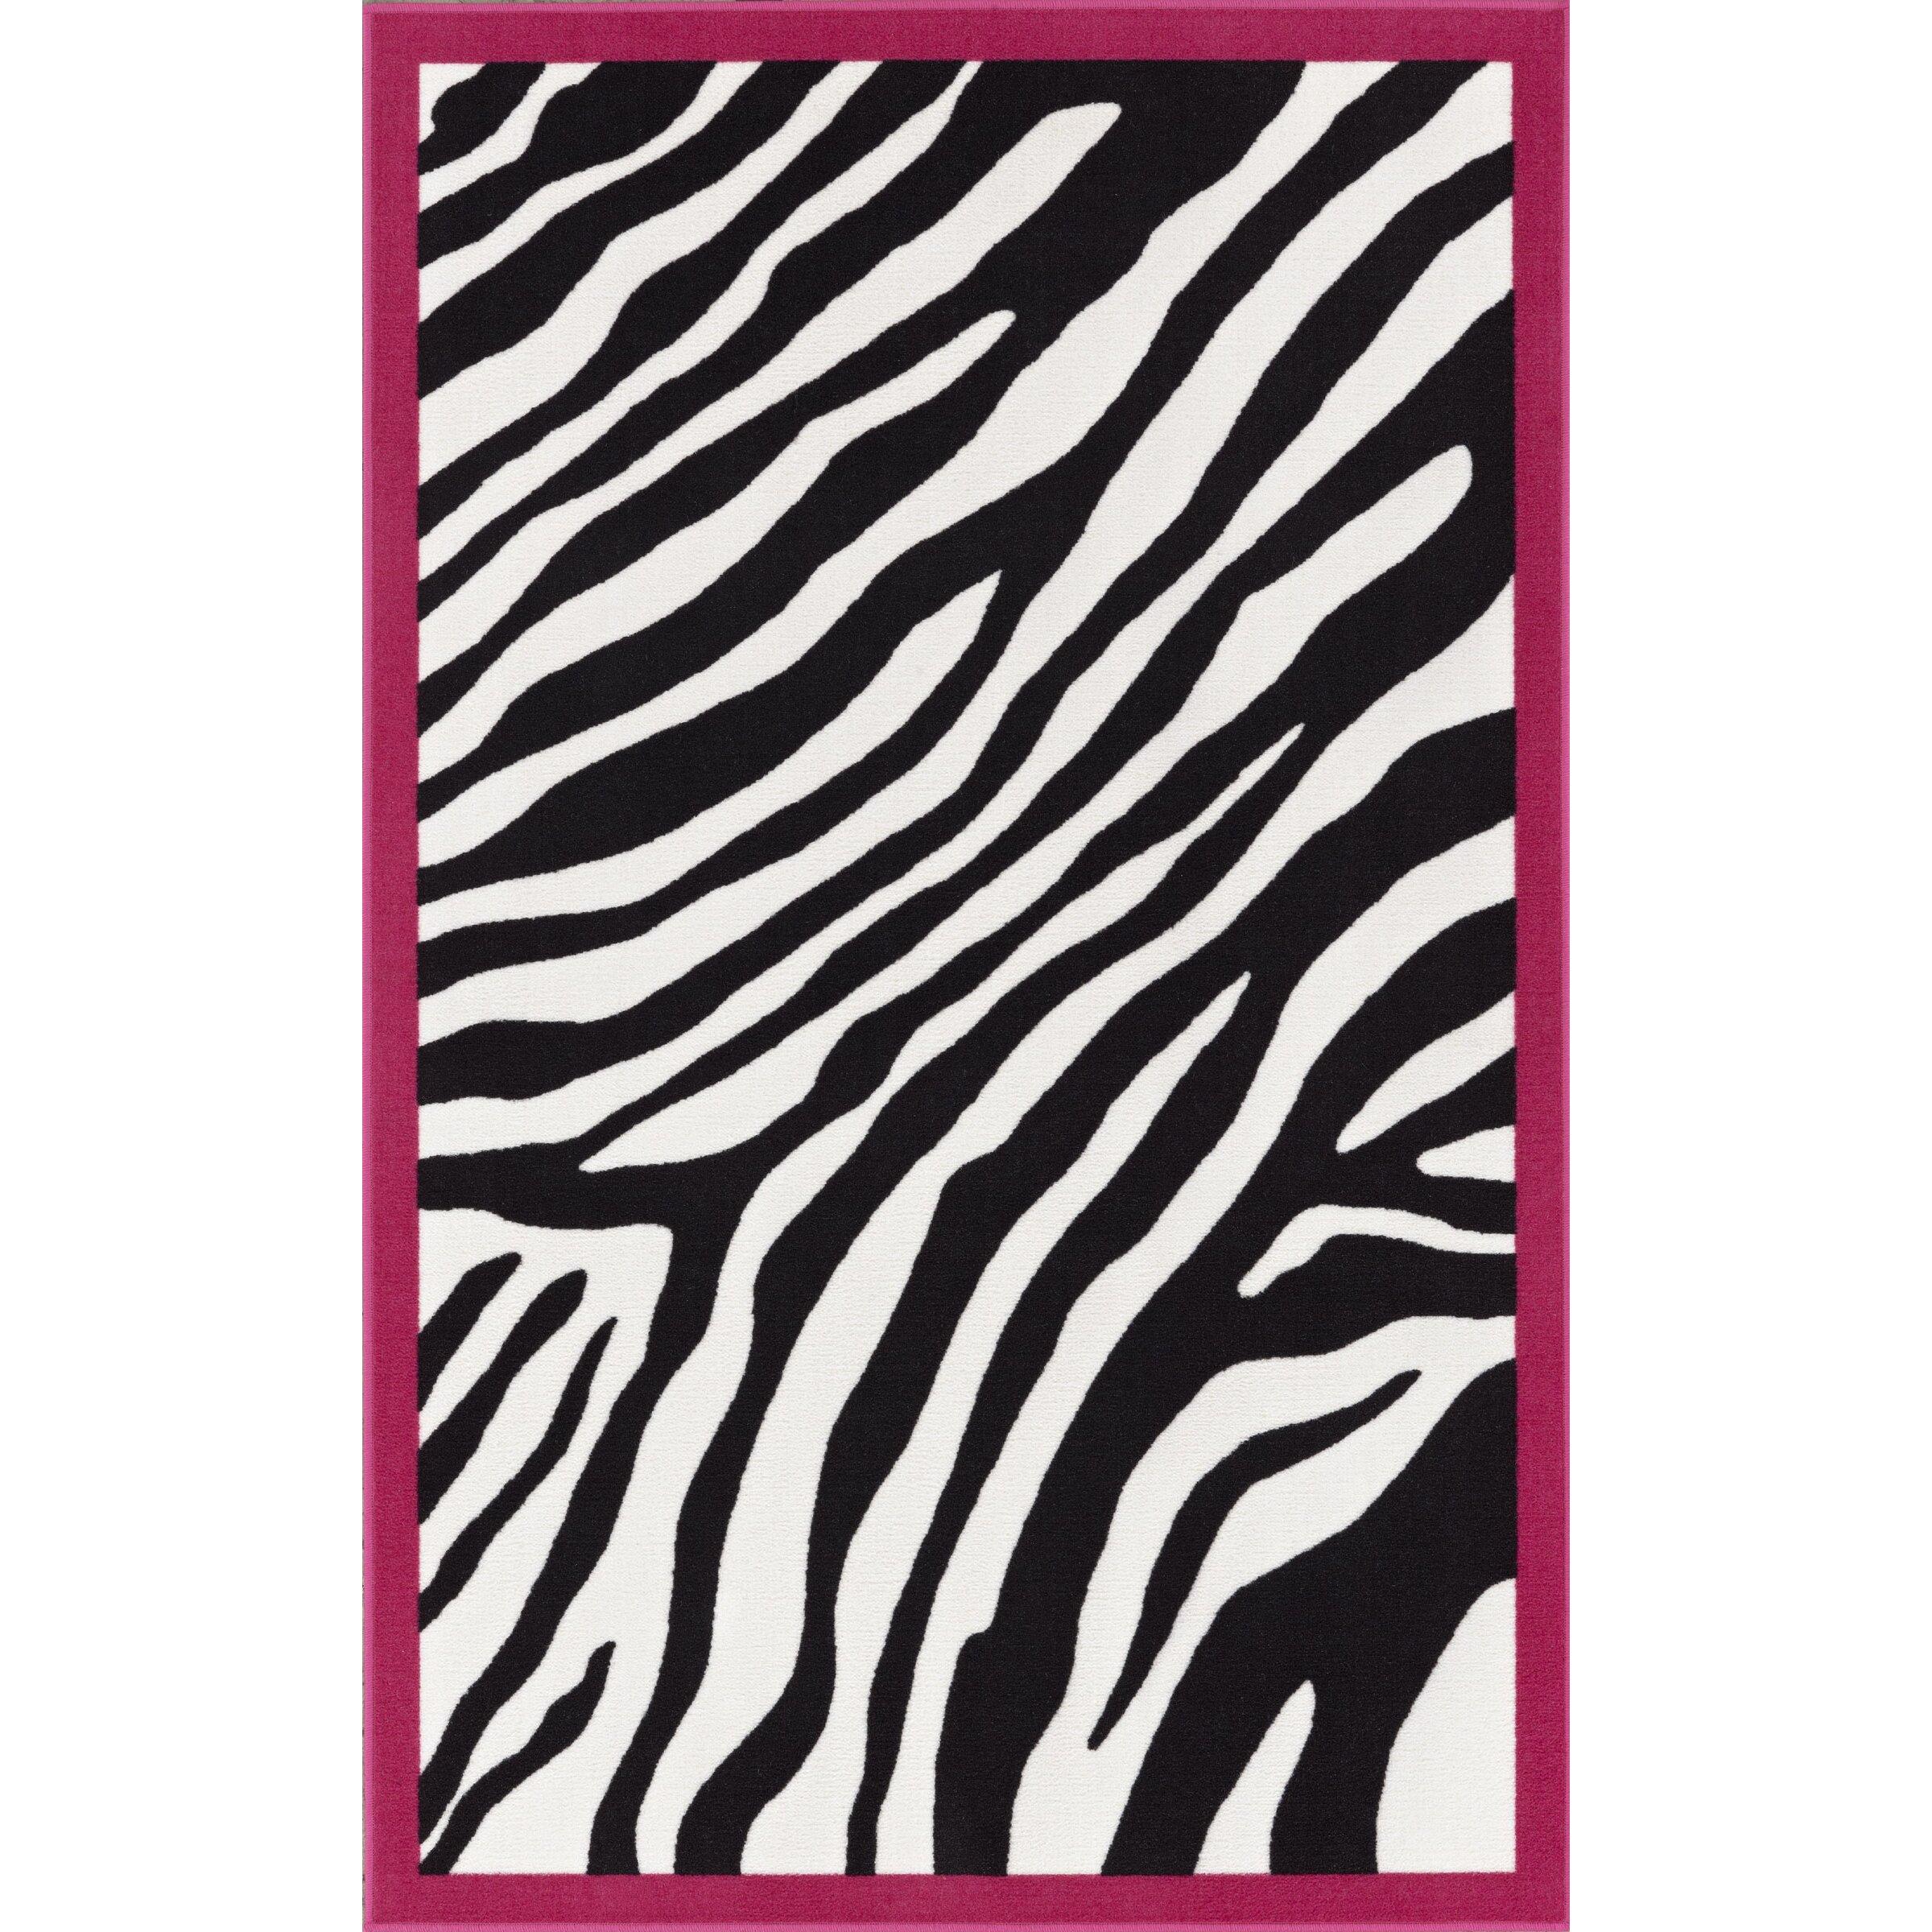 Animal Print Rug Wayfair: Dalyn Rug Co. 4-Ever Young Animal Print Kids Rug & Reviews